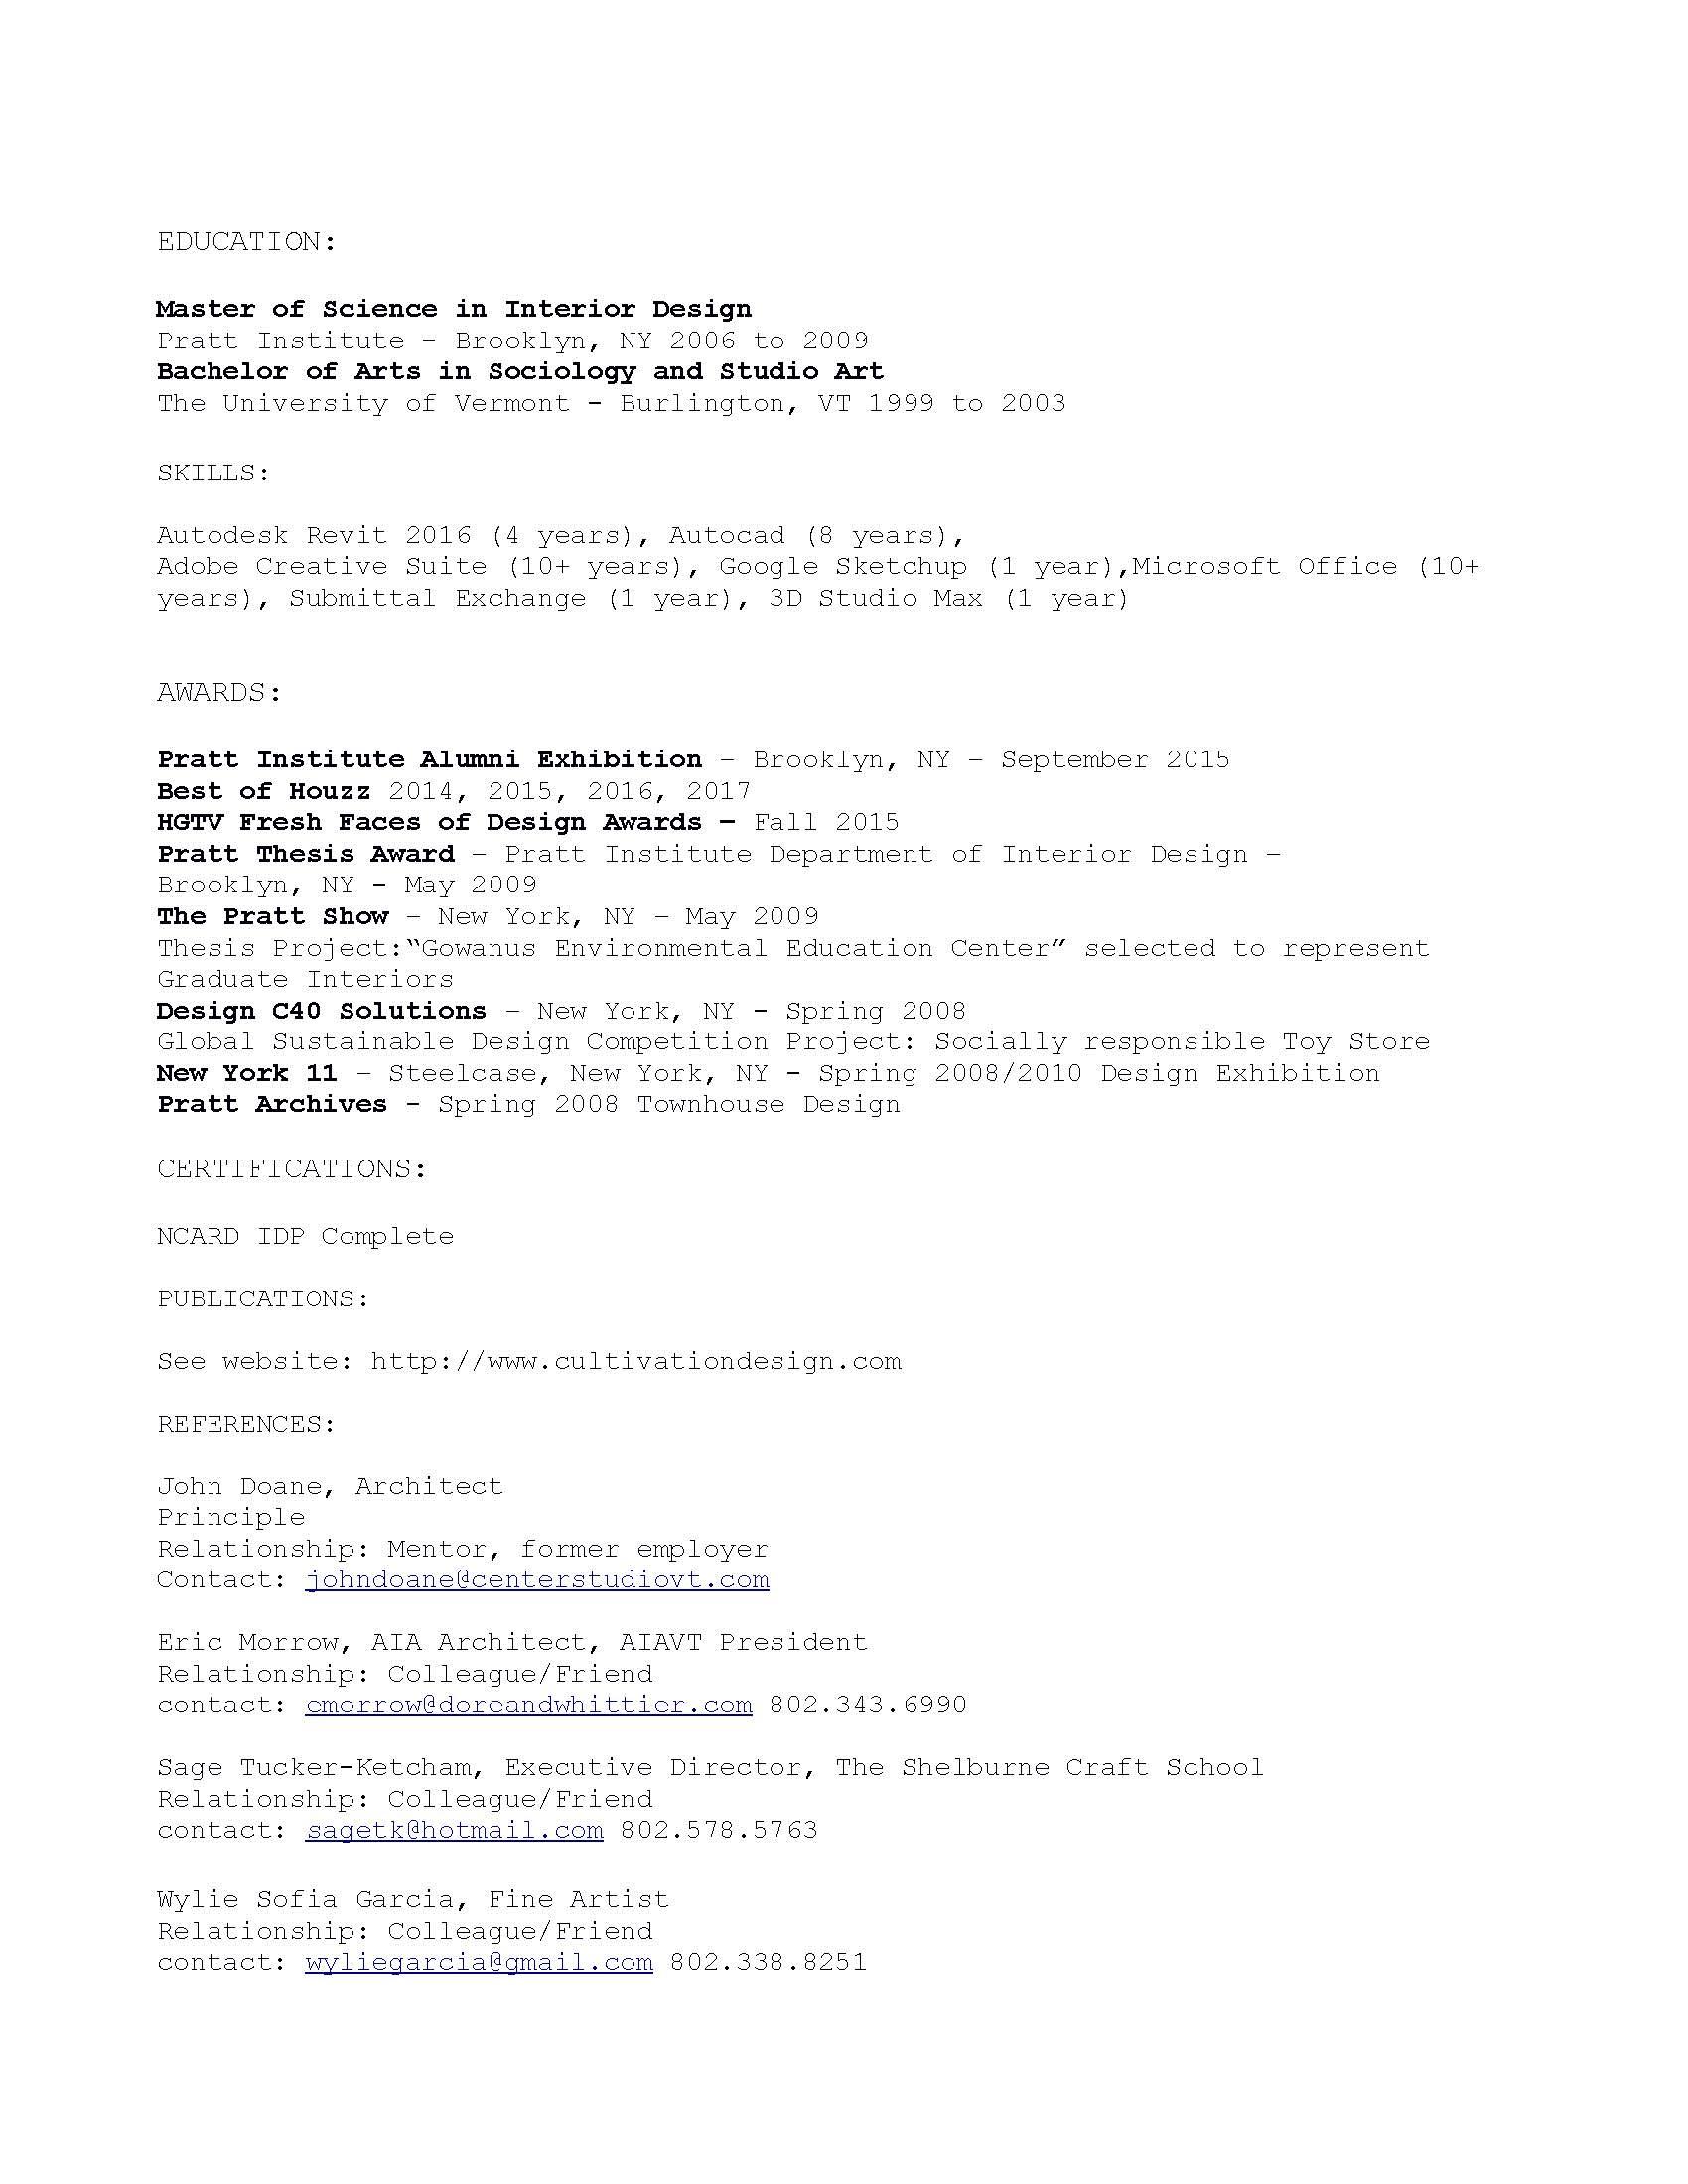 RESUME_2017_BCA_Page_2.jpg